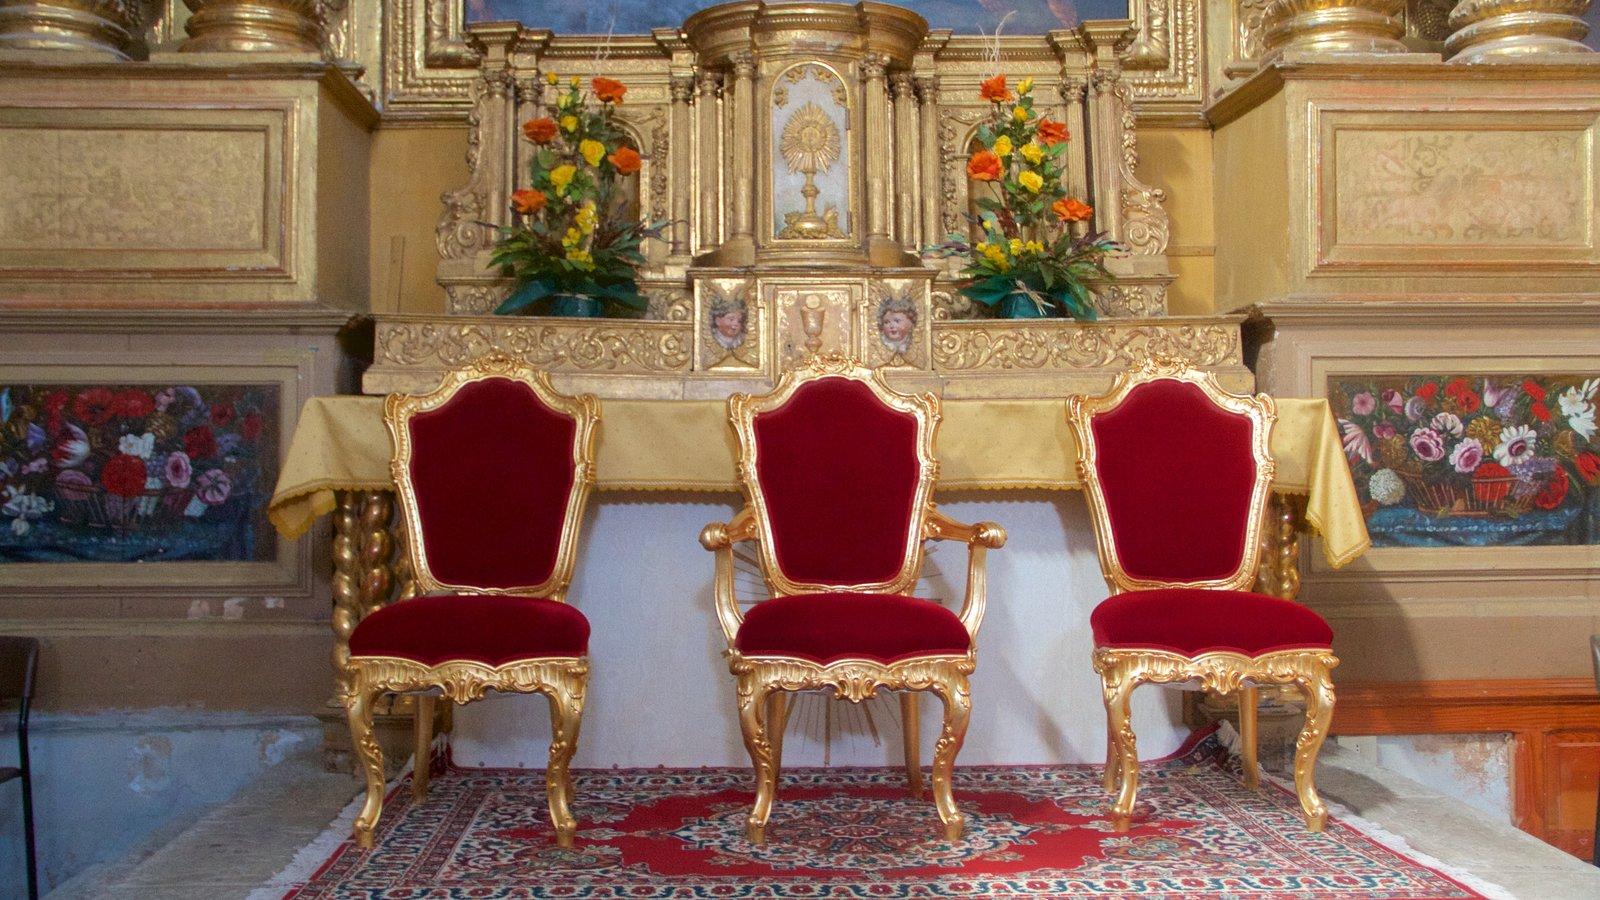 Sauze d\'Oulx ofreciendo castillo o palacio y vistas interiores